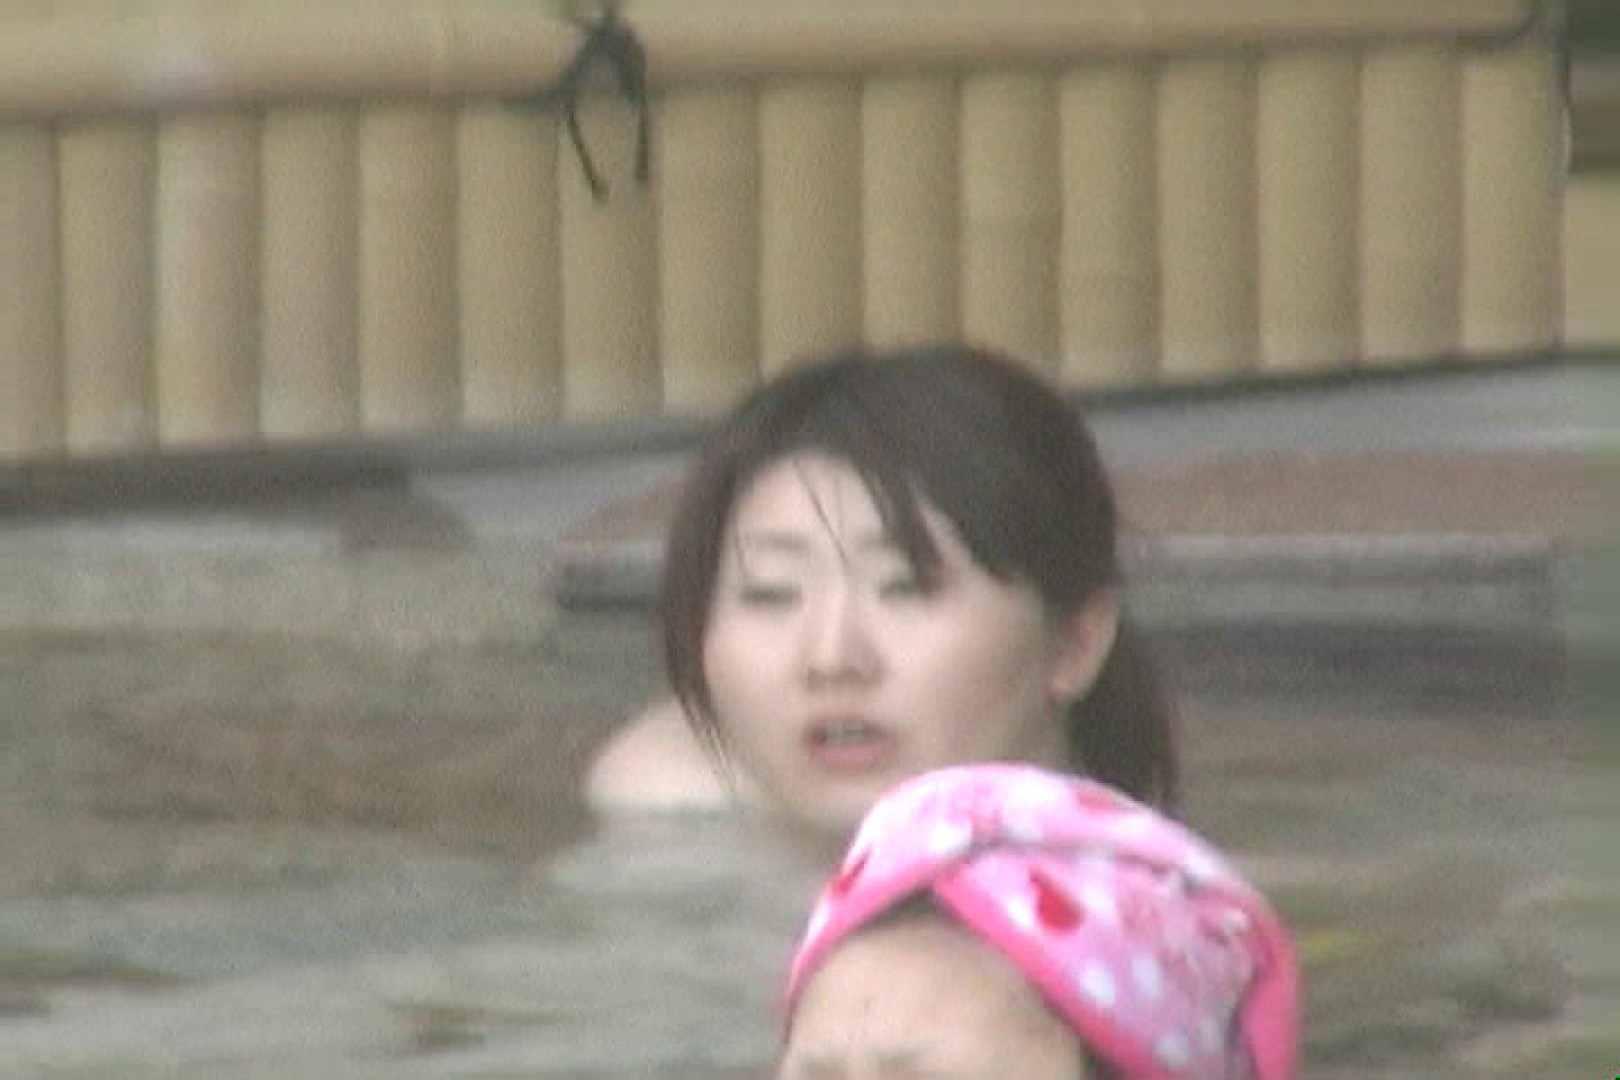 Aquaな露天風呂Vol.25 露天   盗撮特集  106画像 31